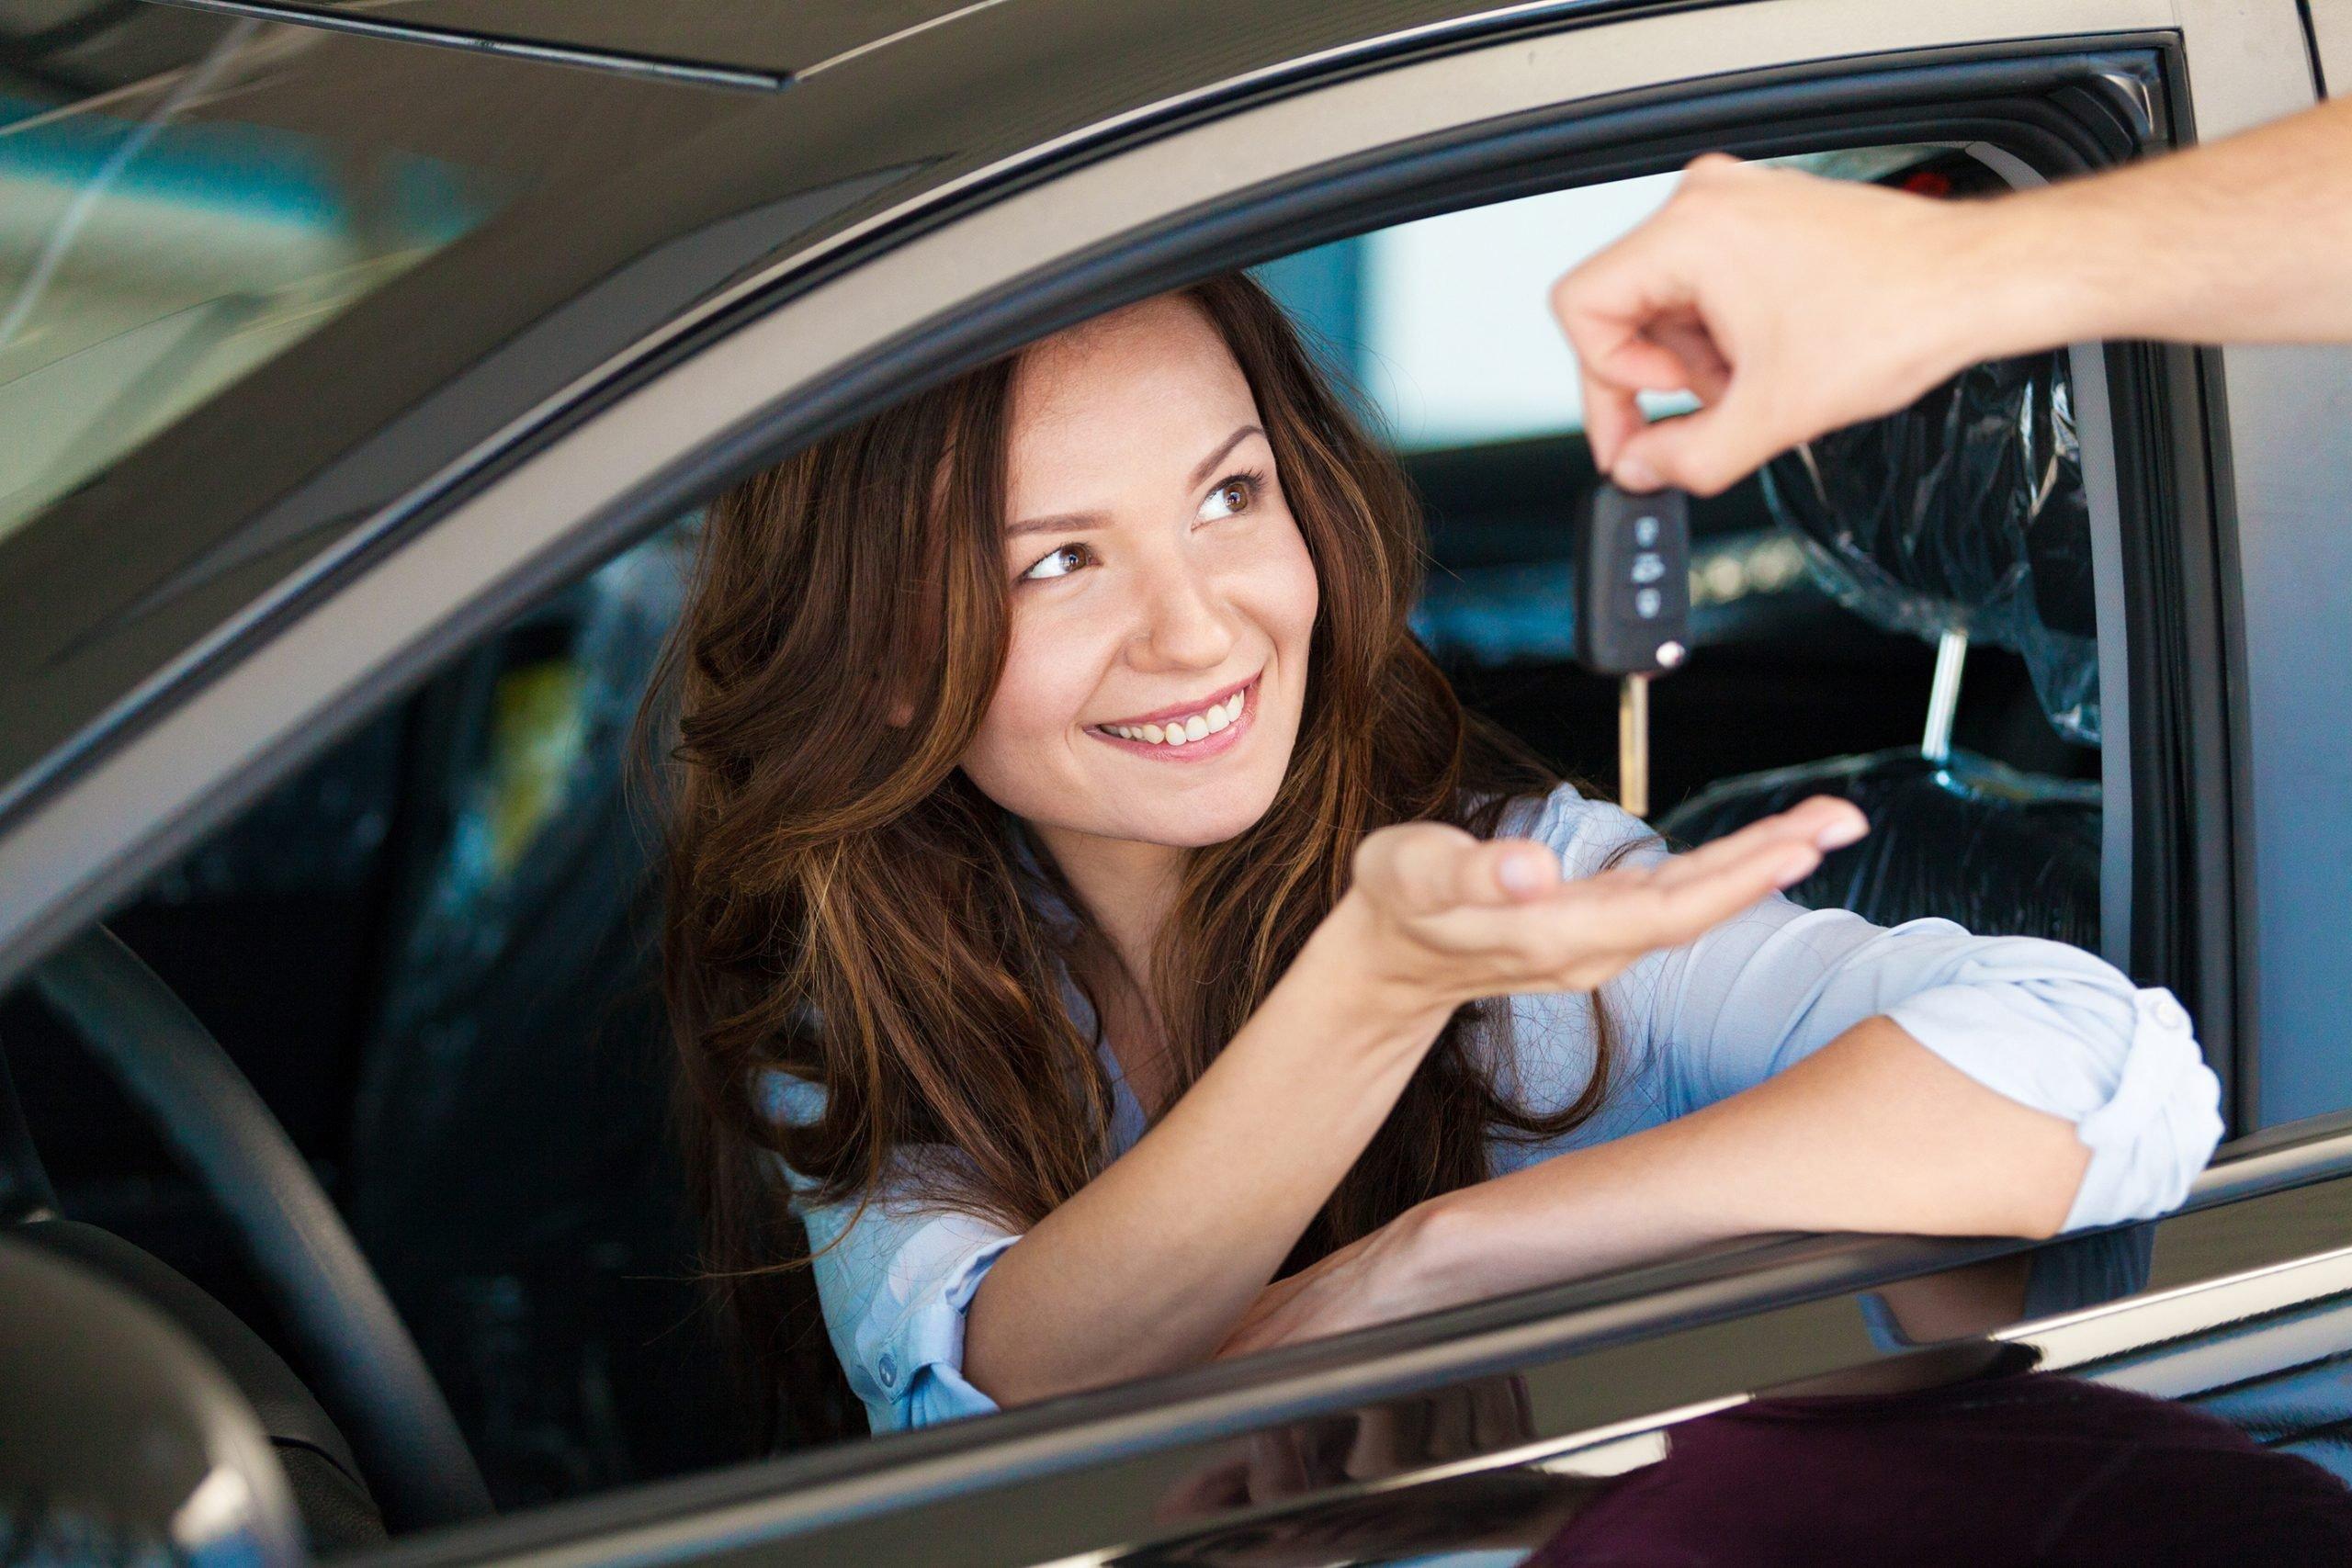 woman in car reaching for keys